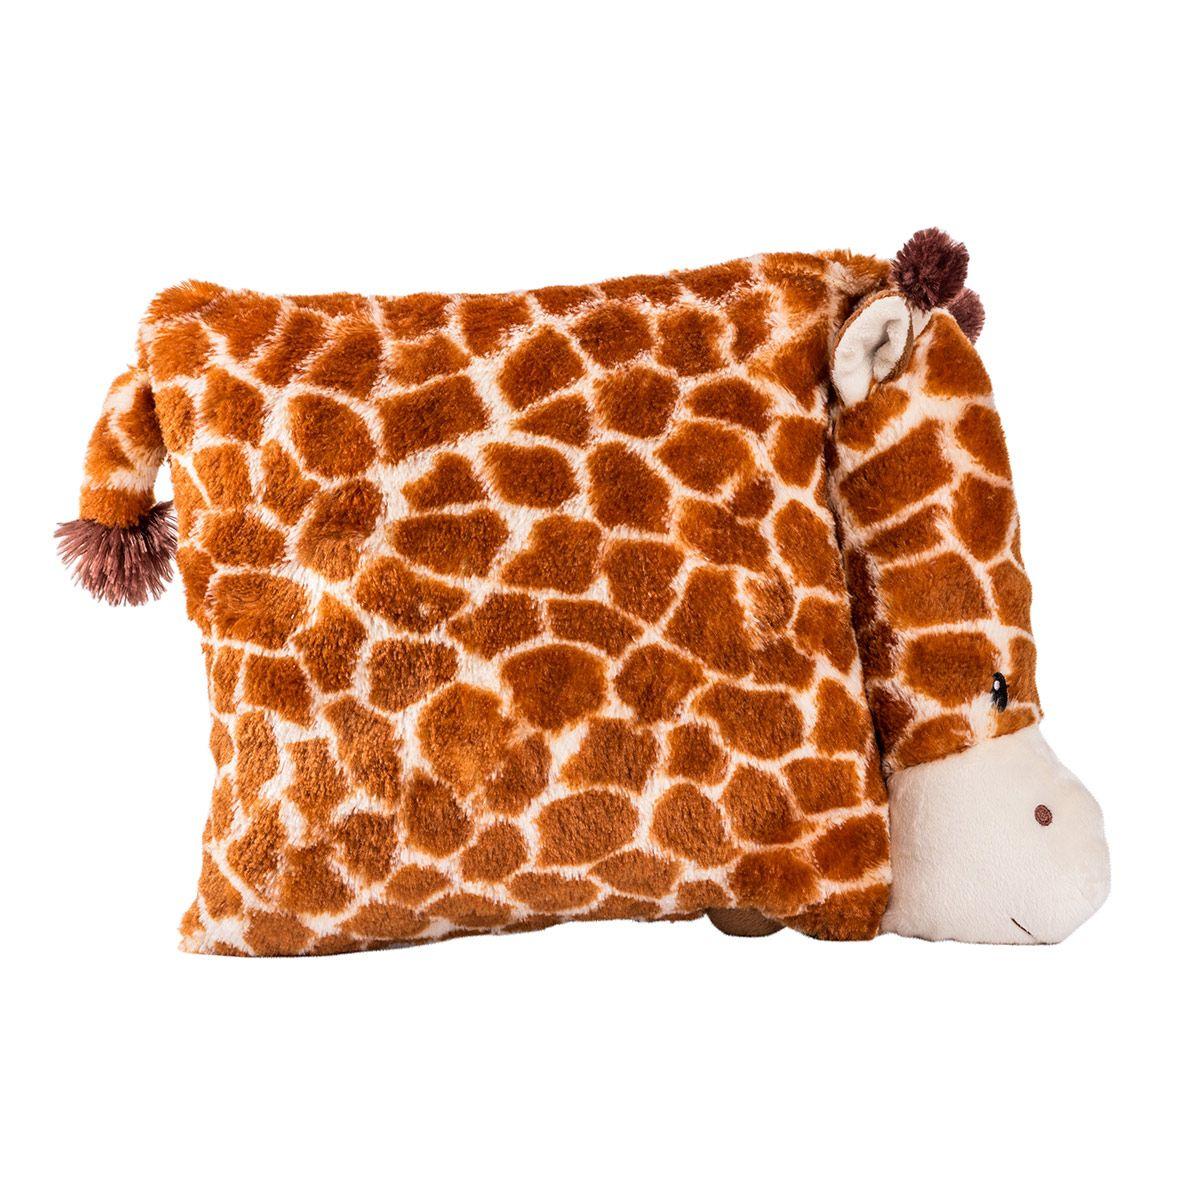 Coussin Girafe - Autres Jeux - La Grande Récré serapportantà Jeux De Girafe Gratuit